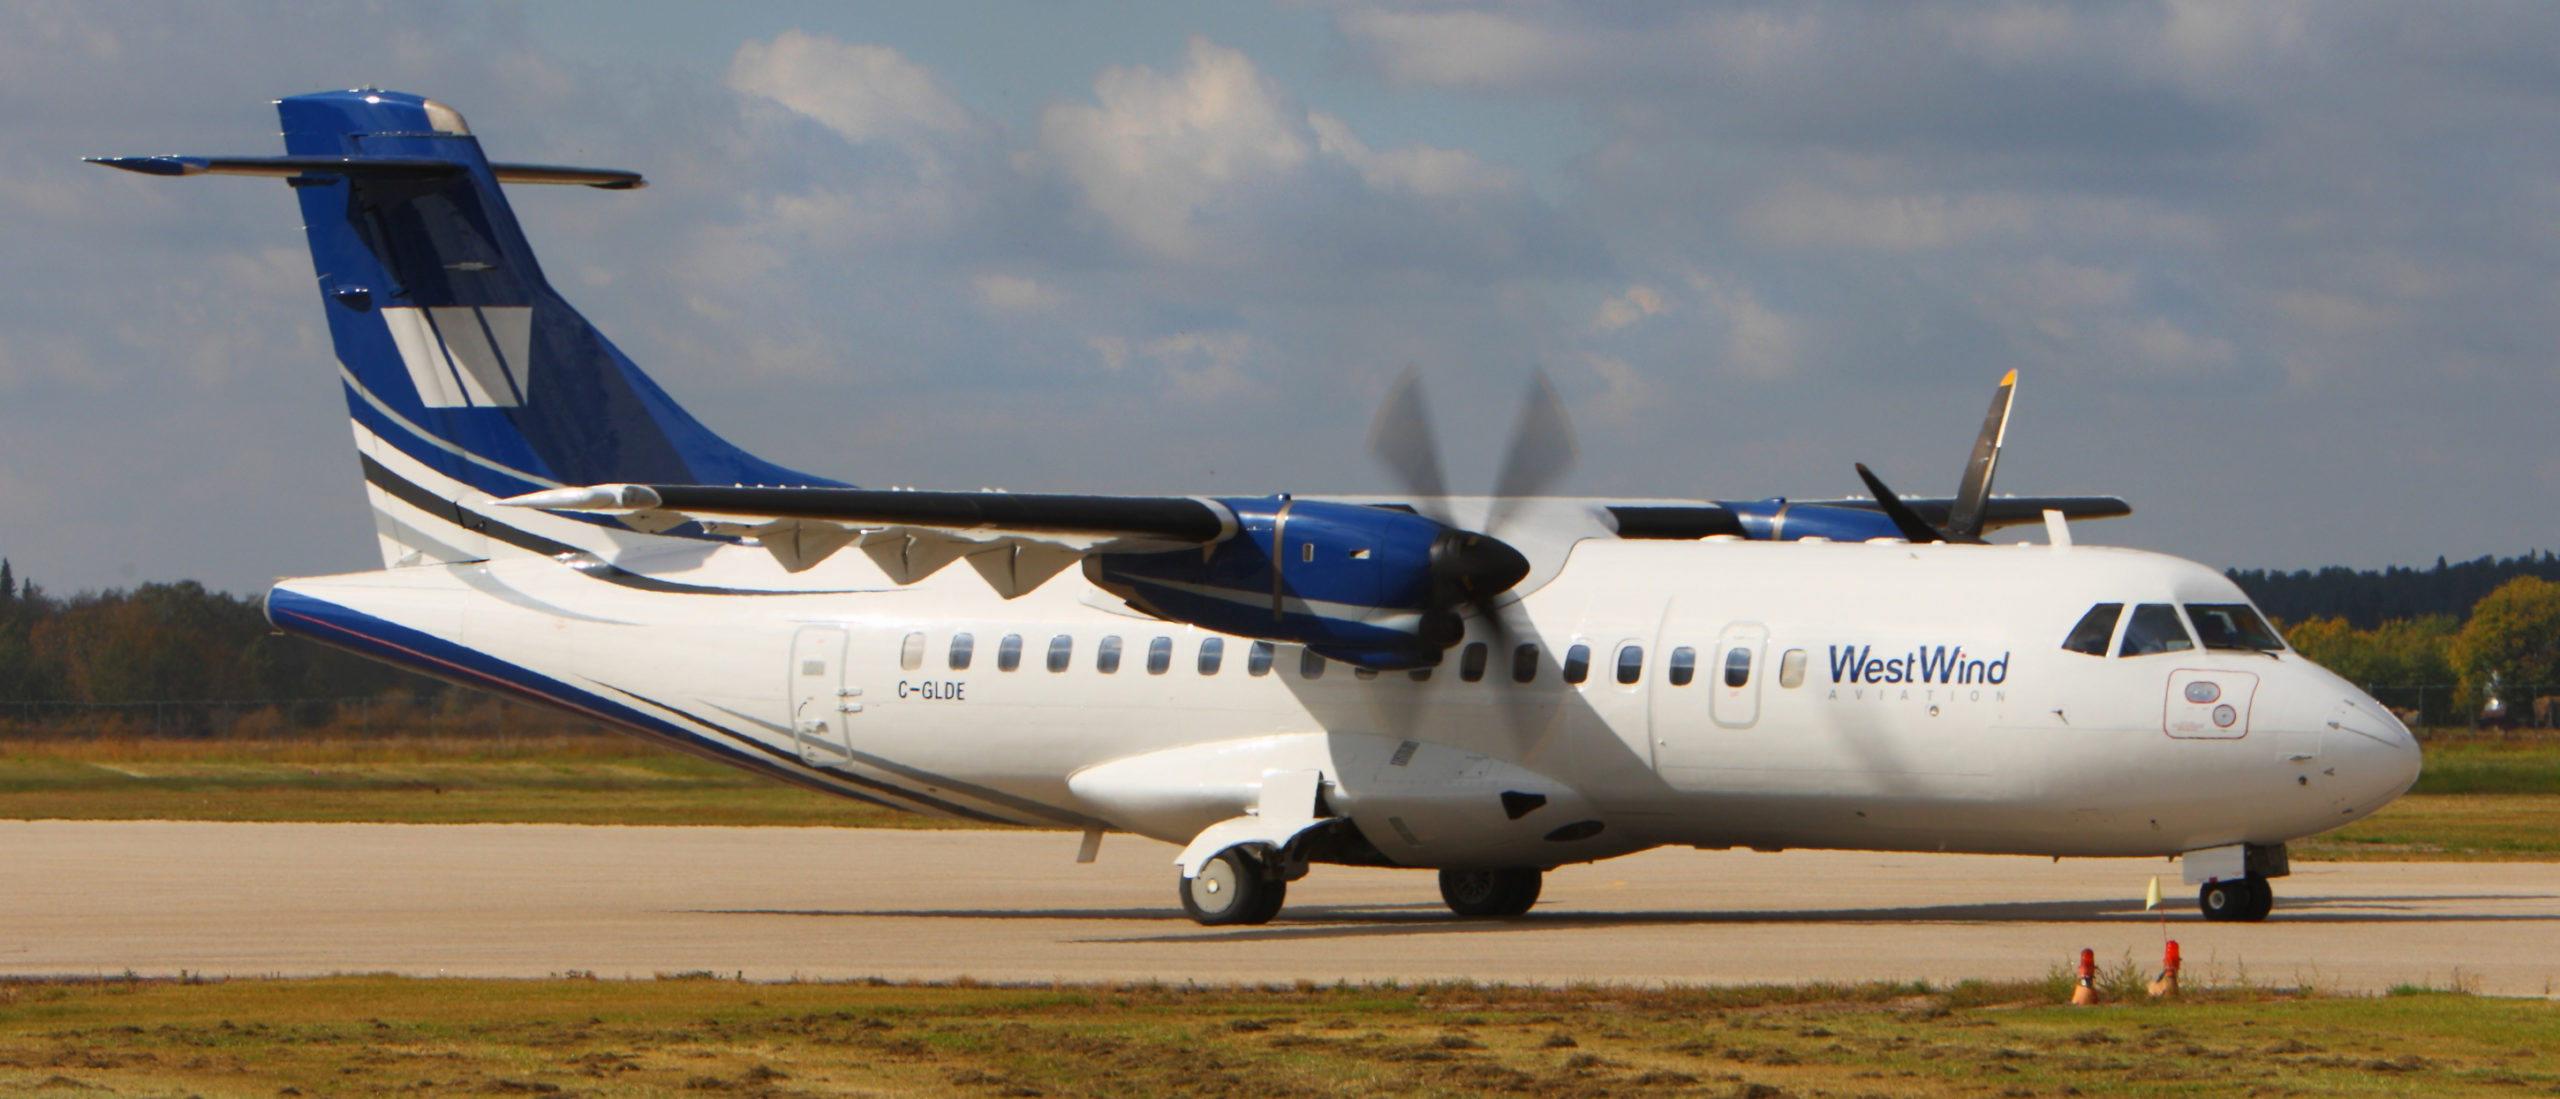 ATR-42-300 Sn 211